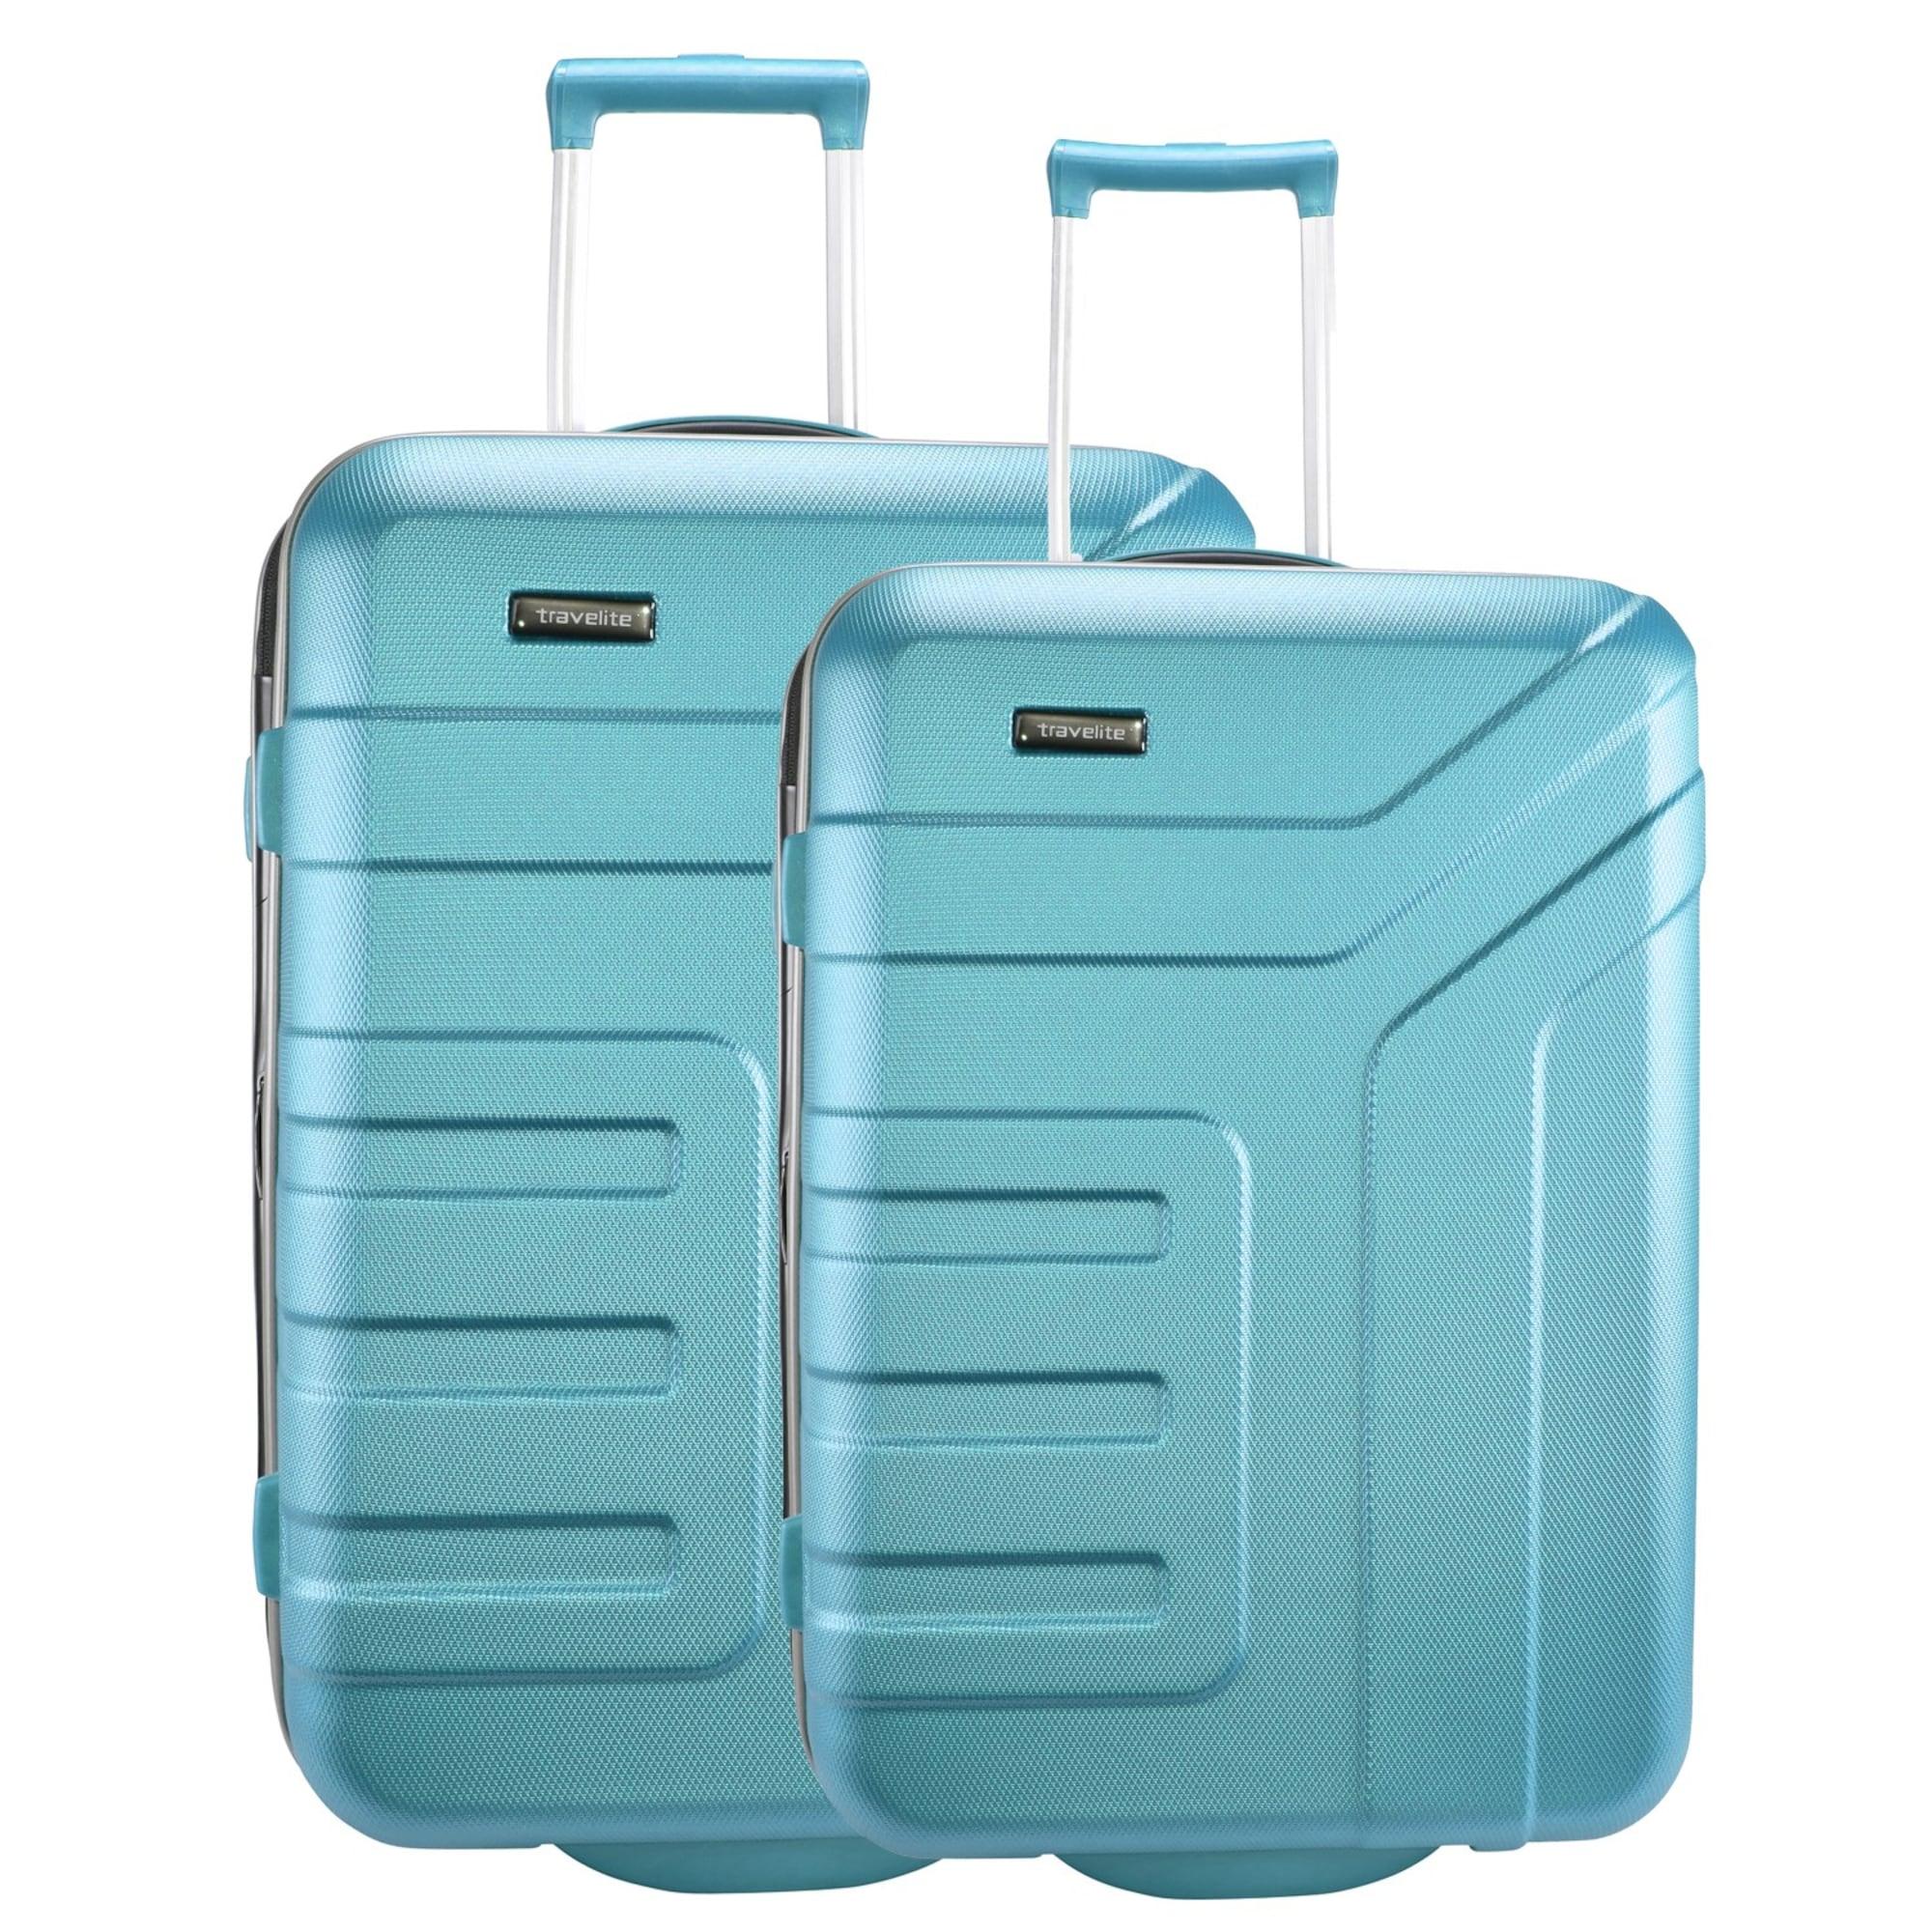 Kofferset 2tlg. | Taschen > Koffer & Trolleys > Koffersets | Türkis | Travelite